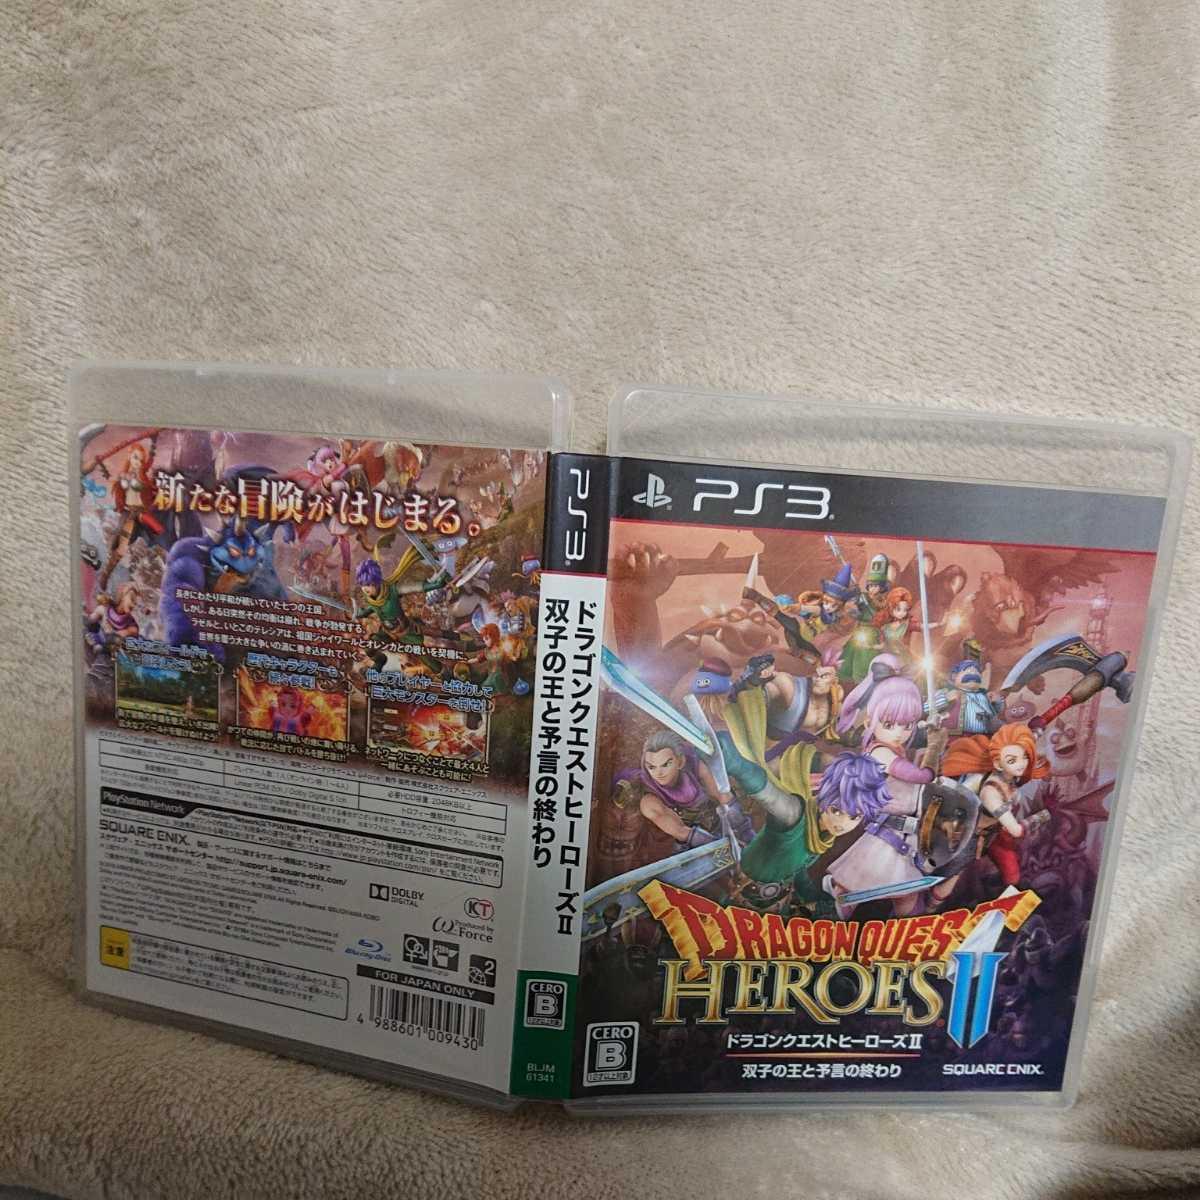 PS3 ドラゴンクエストヒーローズ闇竜と世界樹の城 ドラゴンクエストヒーローズ 双子の王と予言の終わり